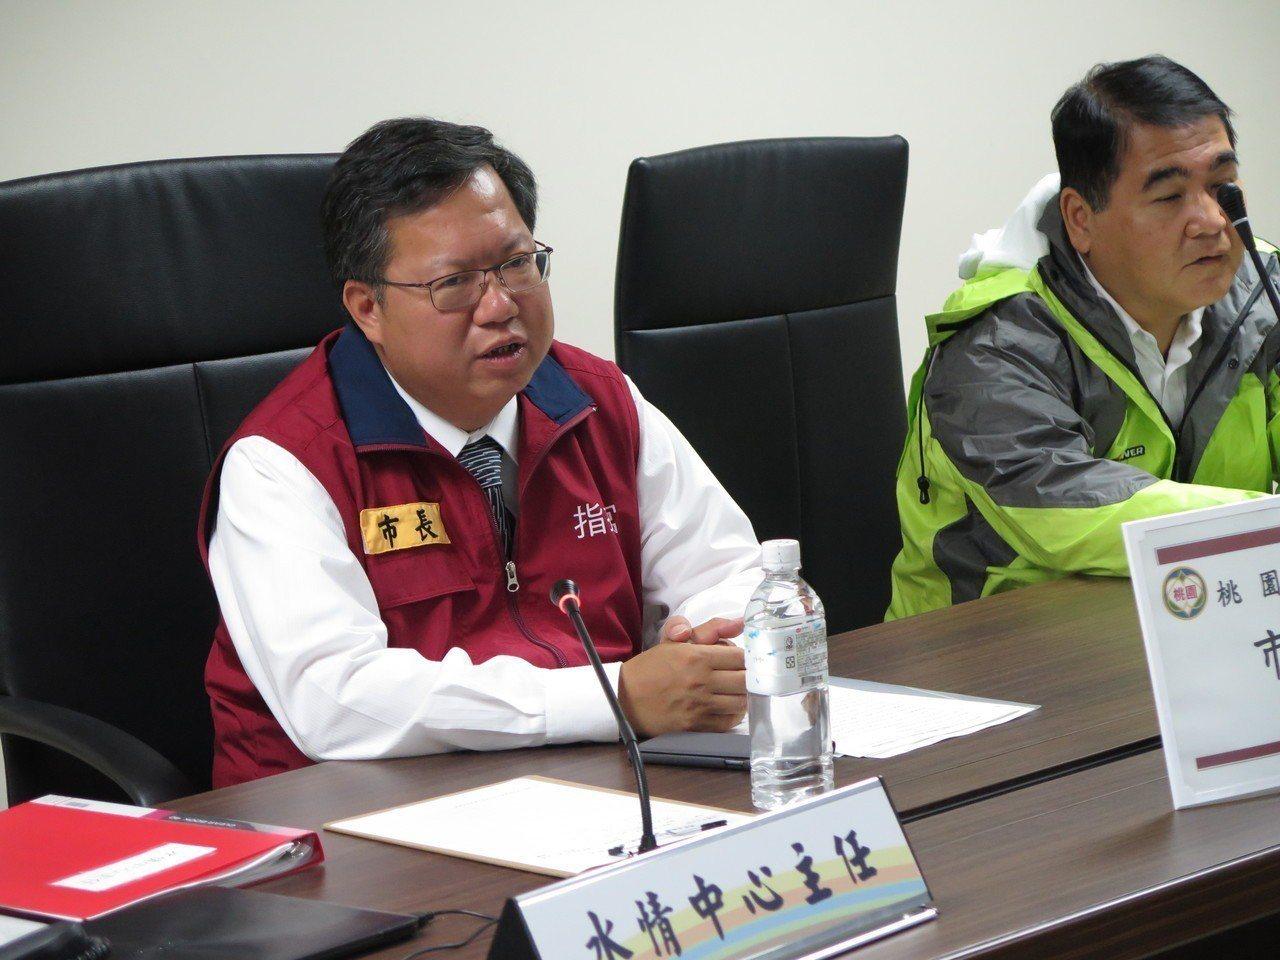 桃園市長鄭文燦(左)昨天視察桃園水情中心,並表示桃園市防颱整備工作採高標準。...